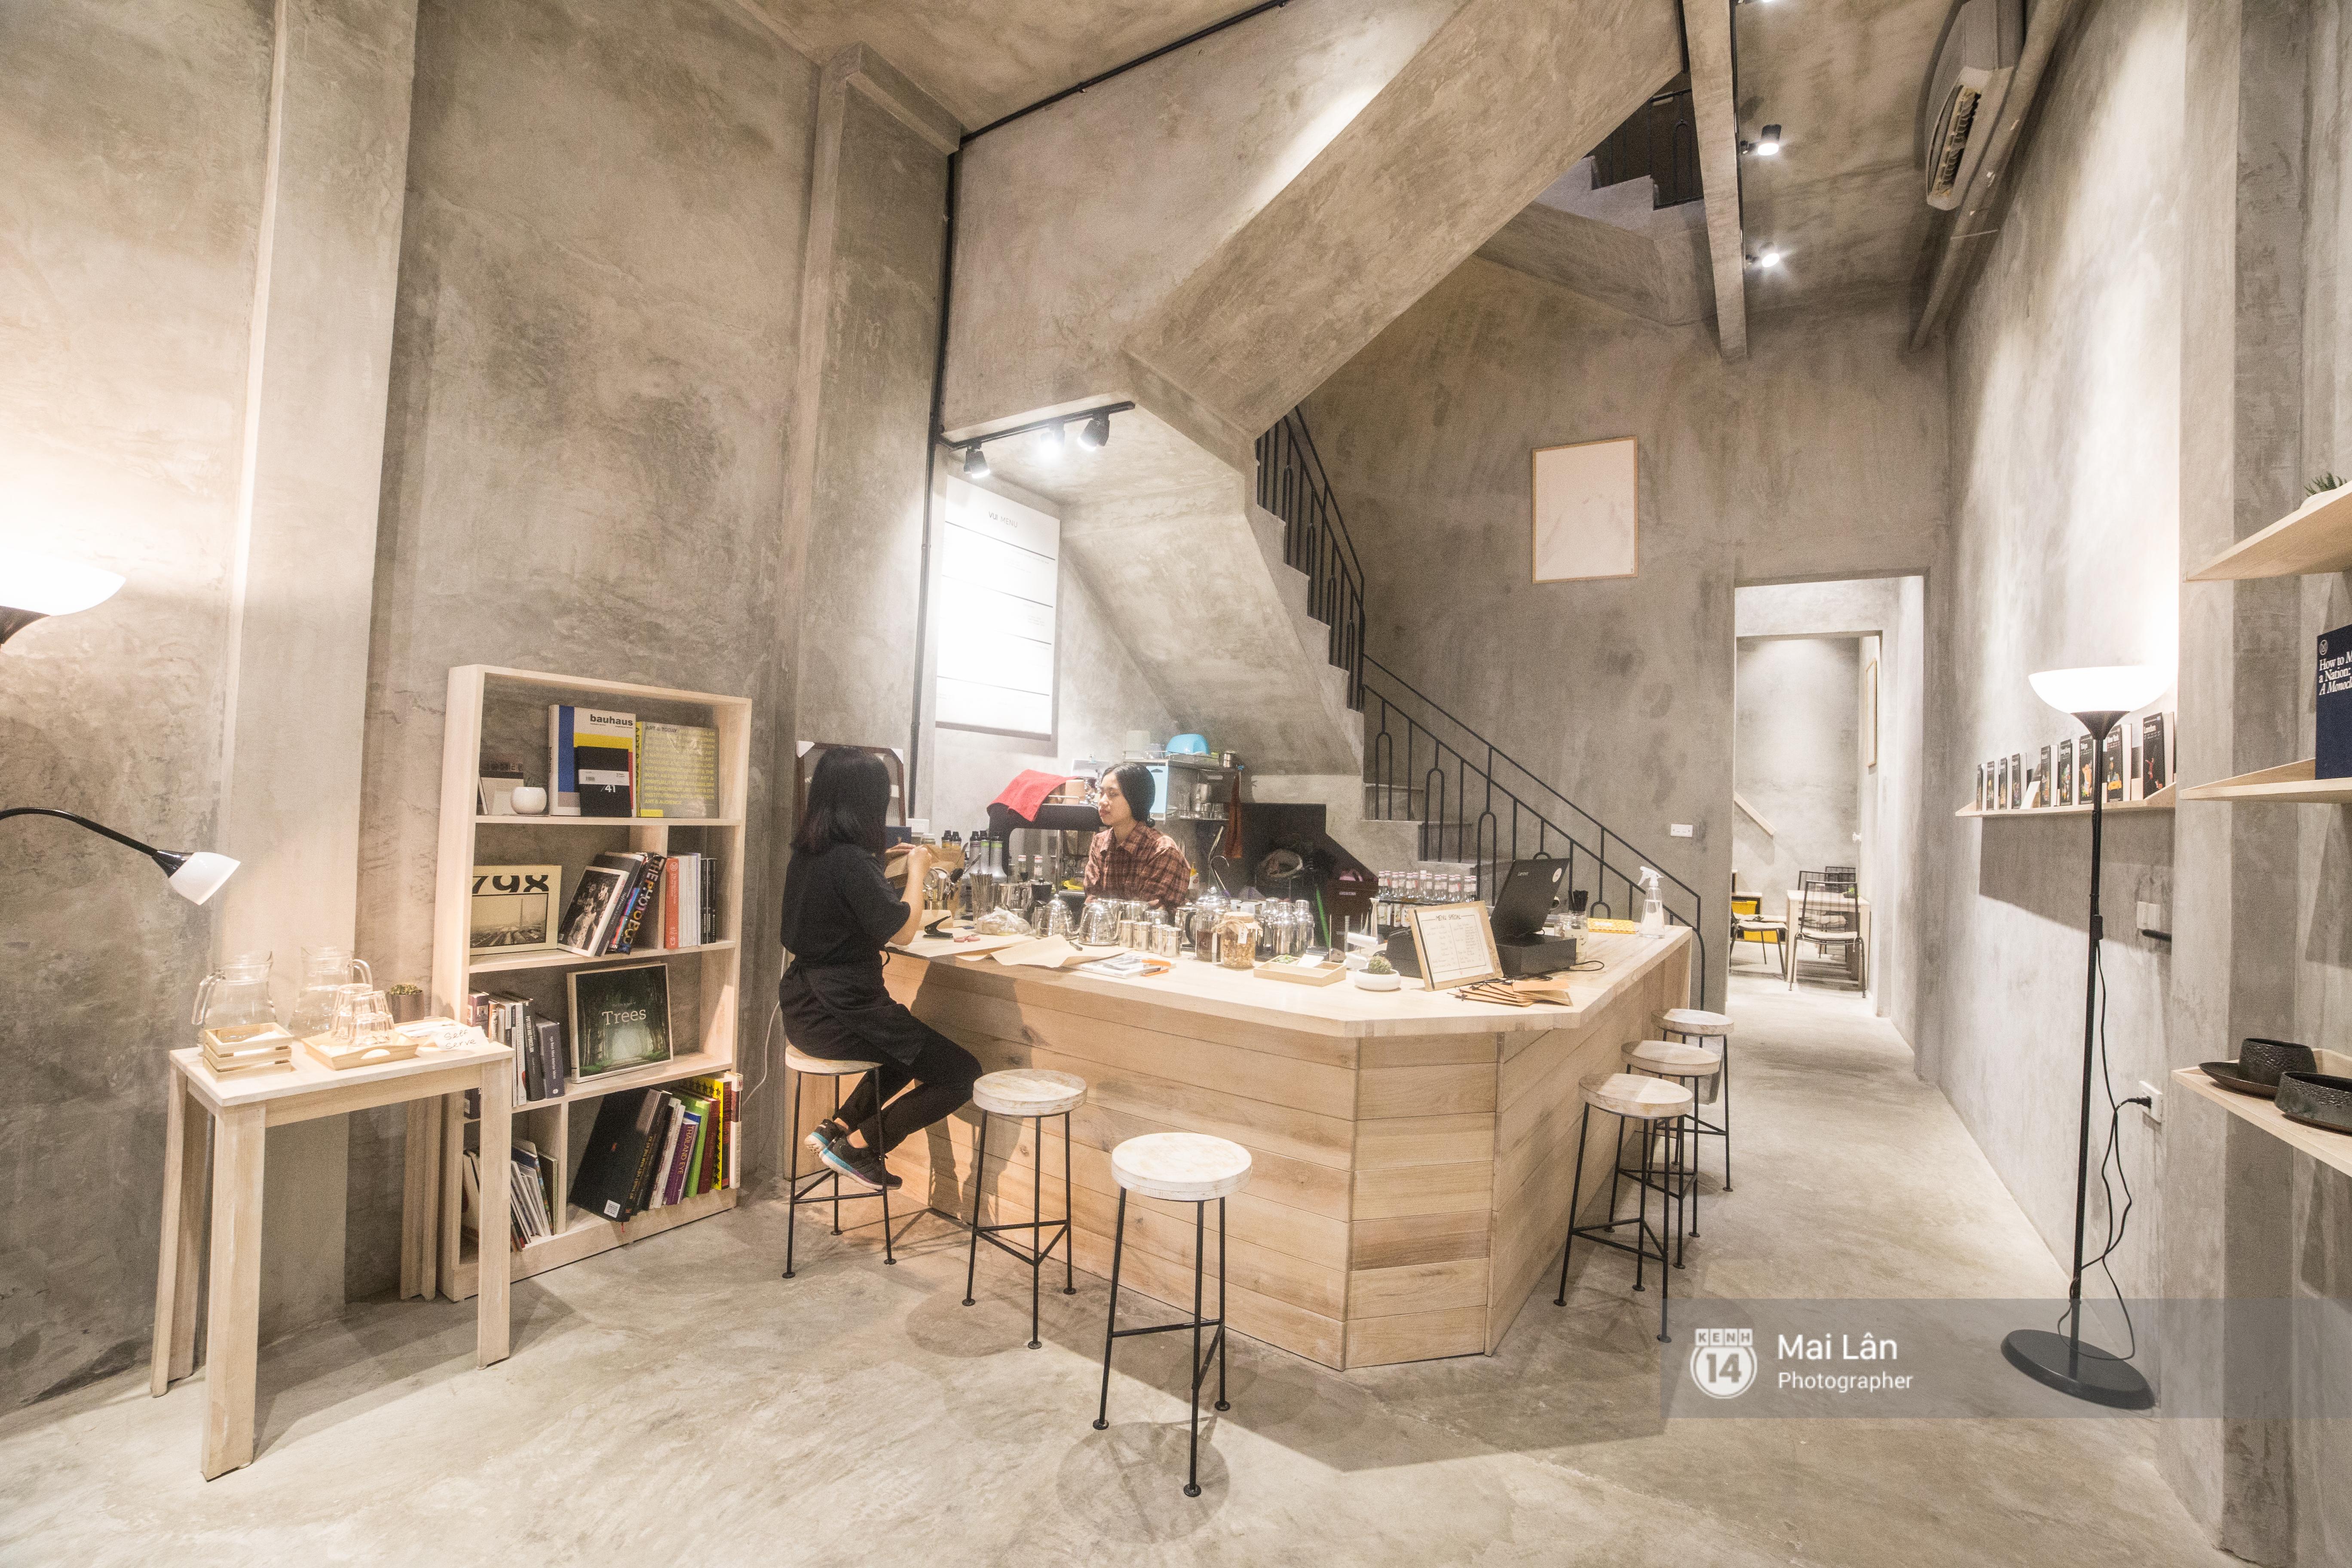 VUI Studio - không gian mới toanh cực khác biệt cho giới trẻ Hà Nội, đến là vui! - Ảnh 3.